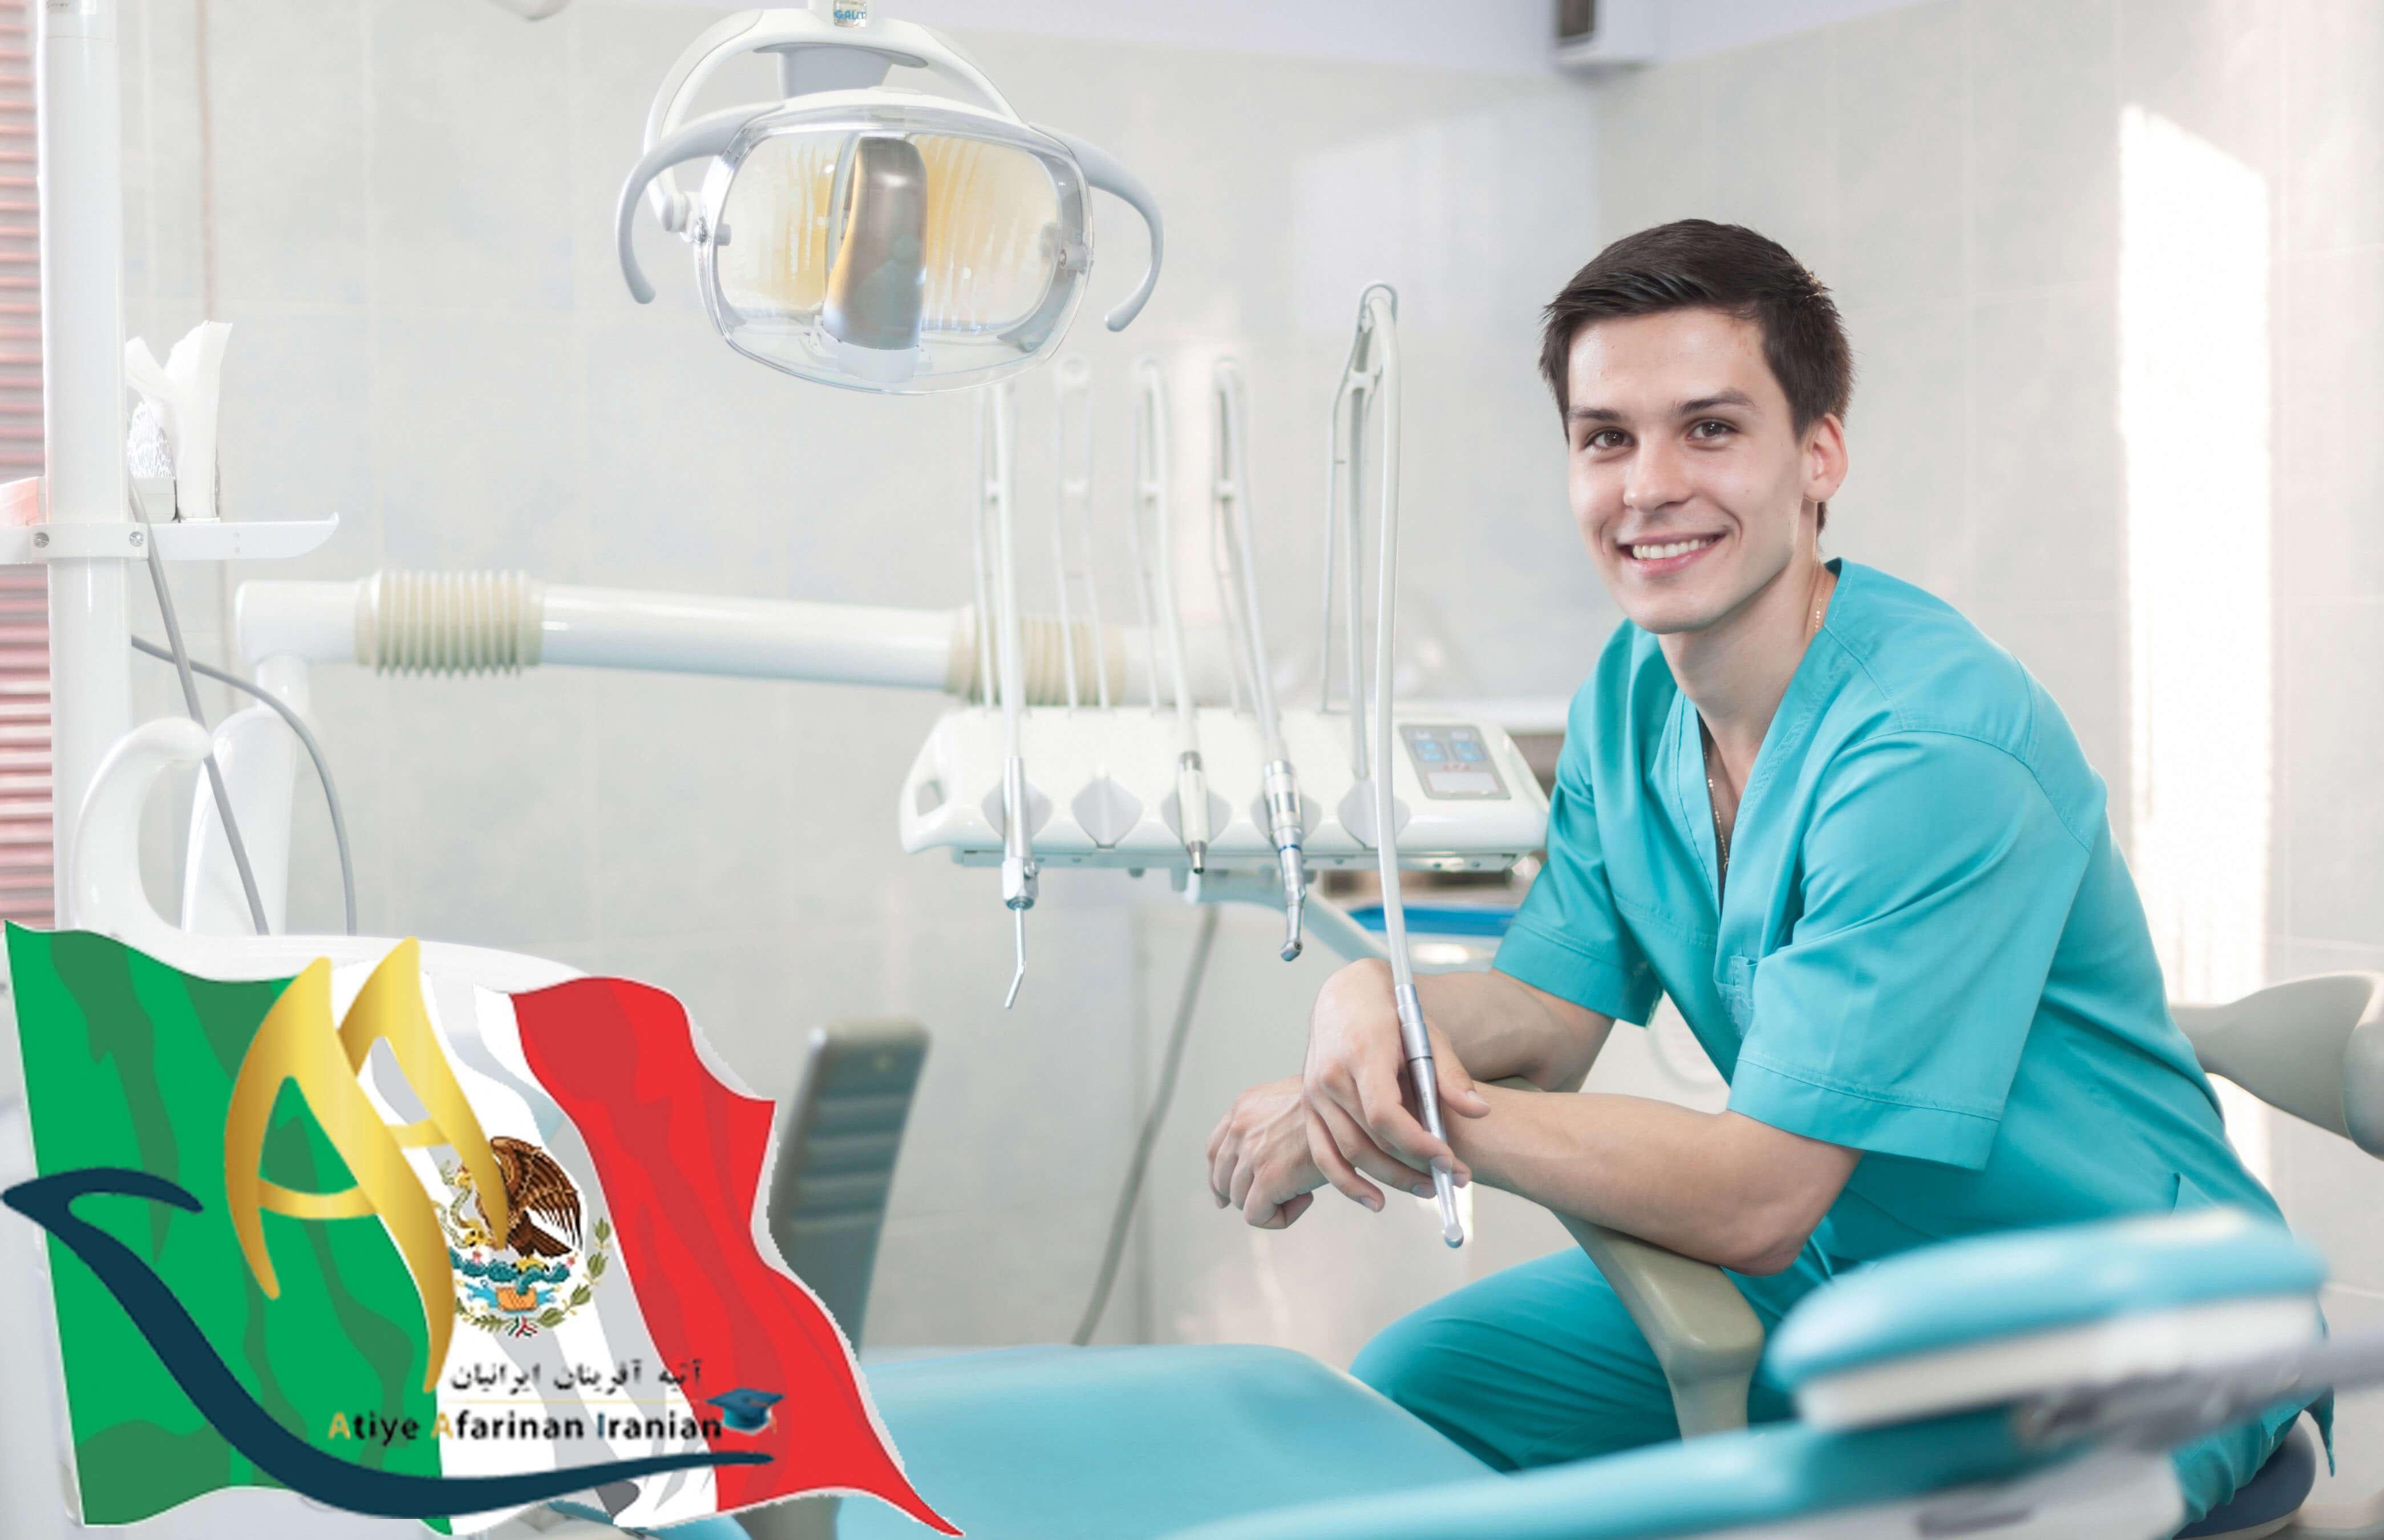 تحصیل دندانپزشکی در مکزیک